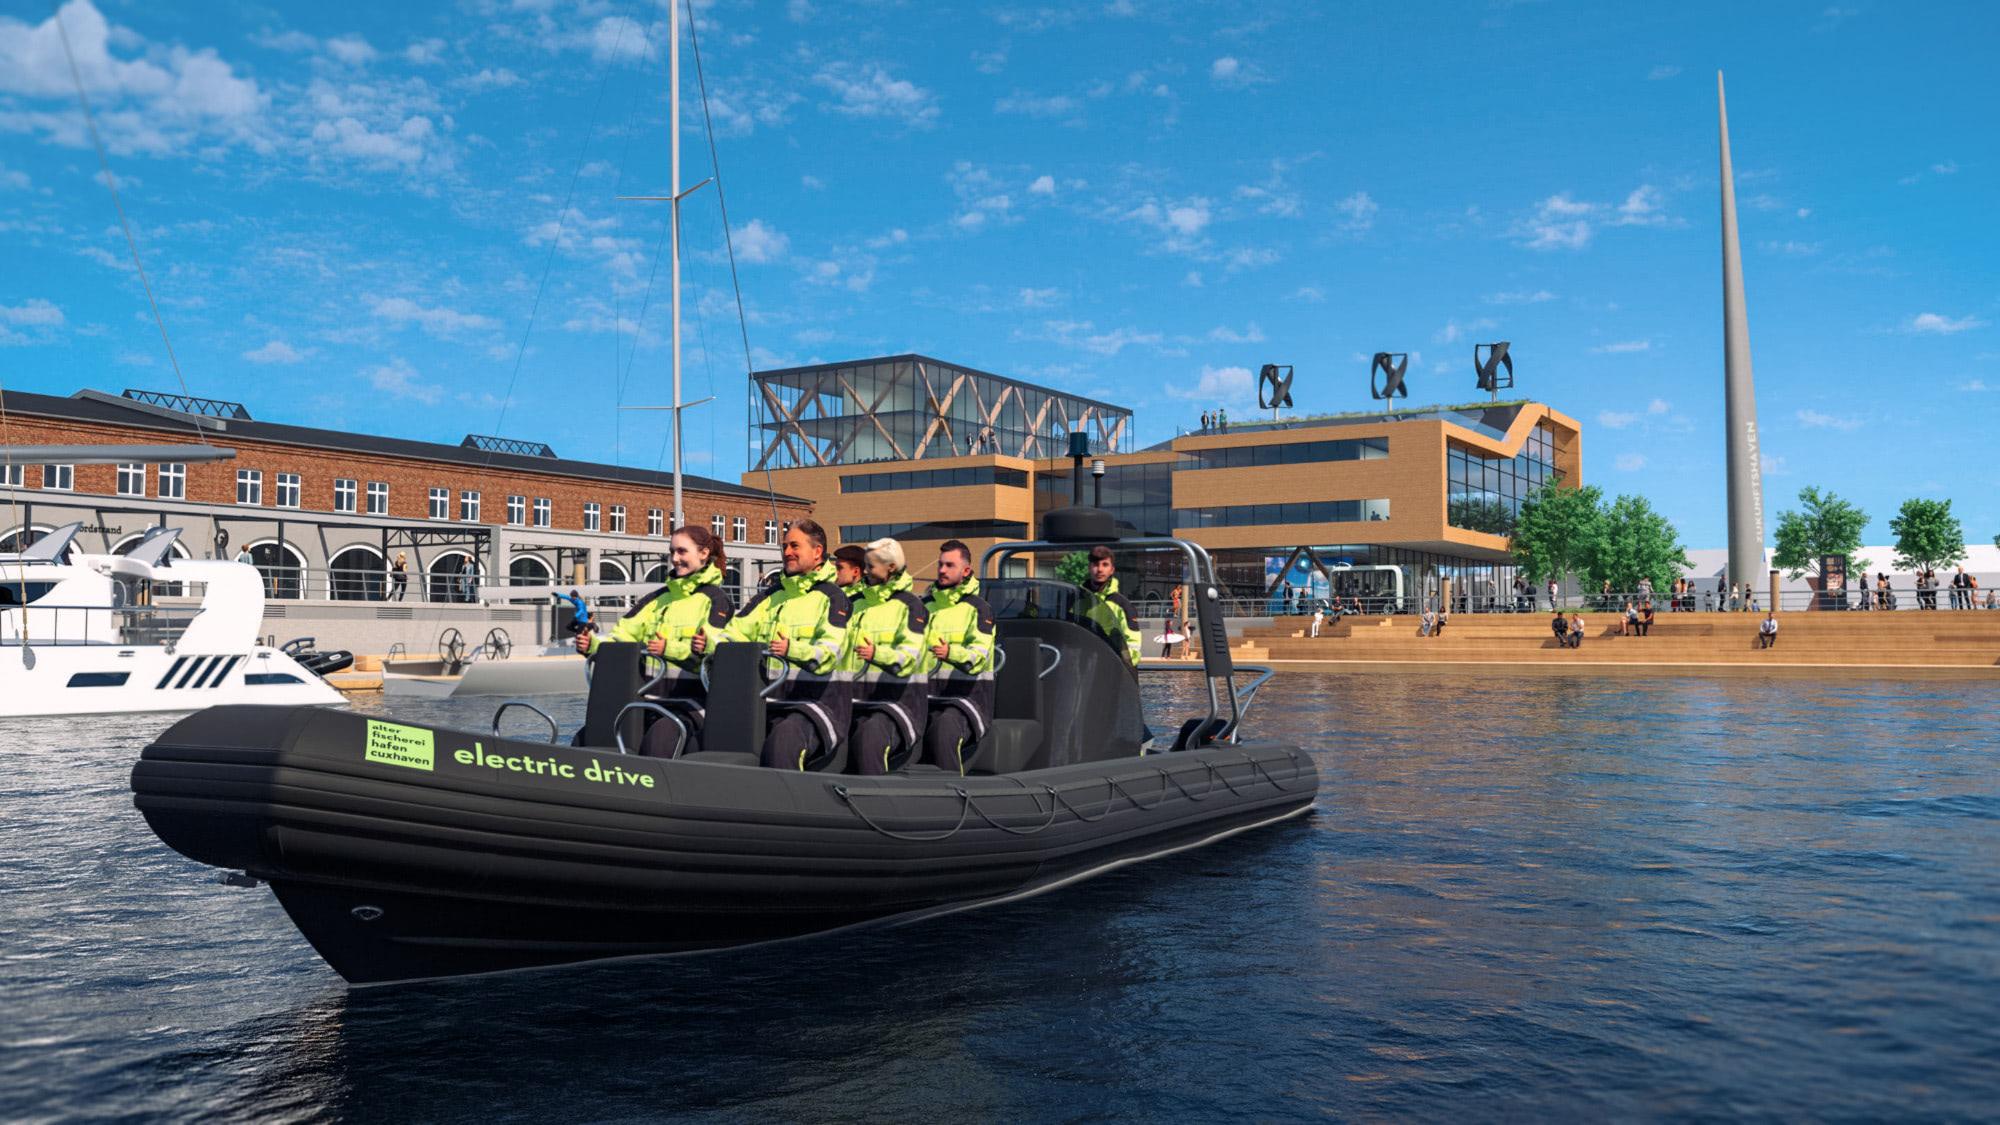 Destinationsentwicklung Quartier Alter Fischereihafen Cuxhaven Zukunftshaven Bootsfahrt Going Places